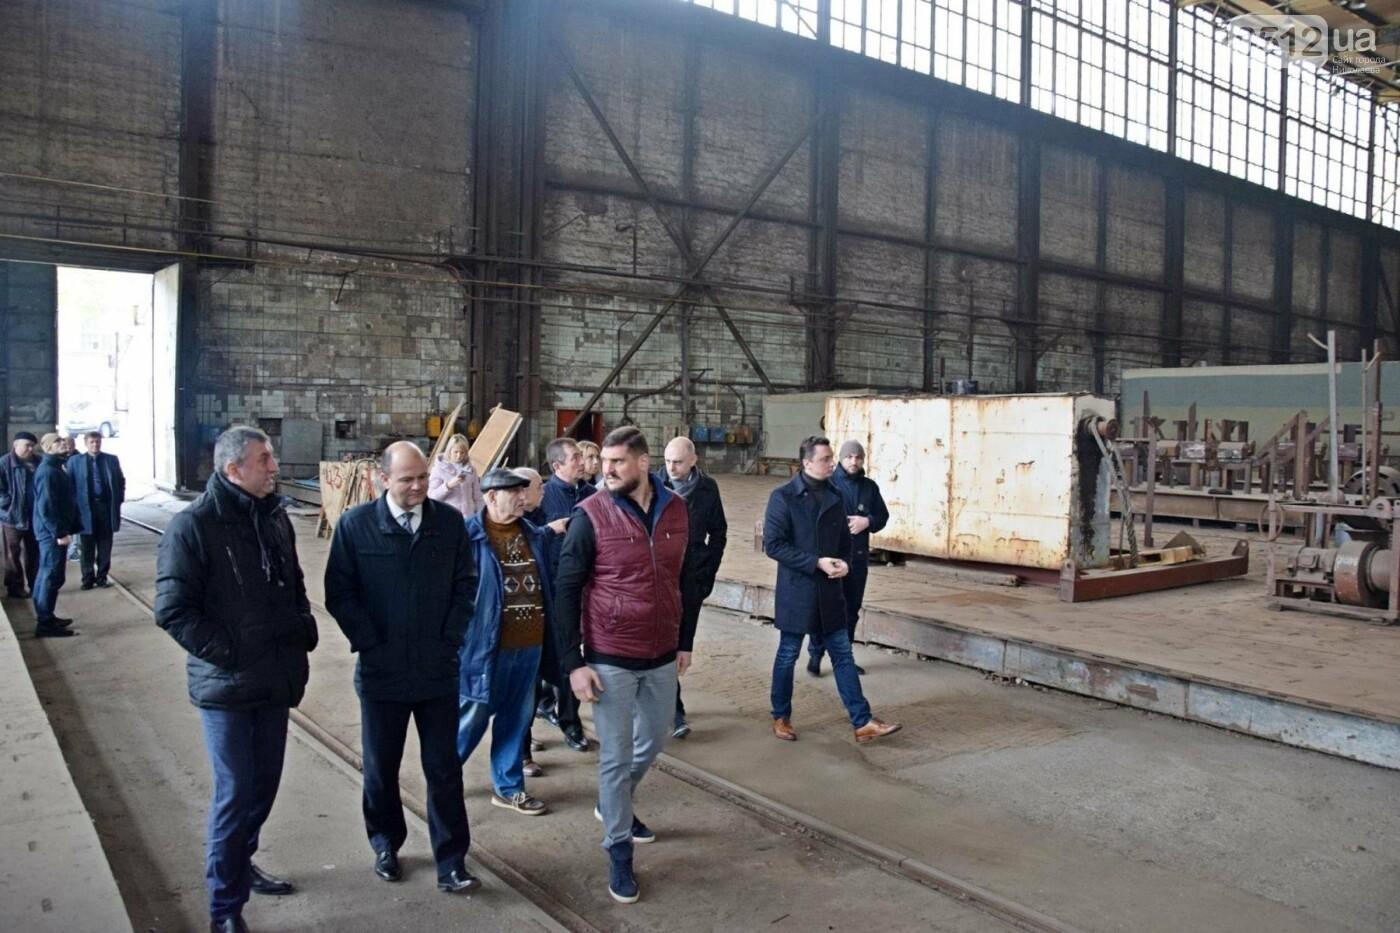 Крупный американский инвестор может создать 2-3 тысячи рабочих мест в Николаеве, - Савченко, фото-3